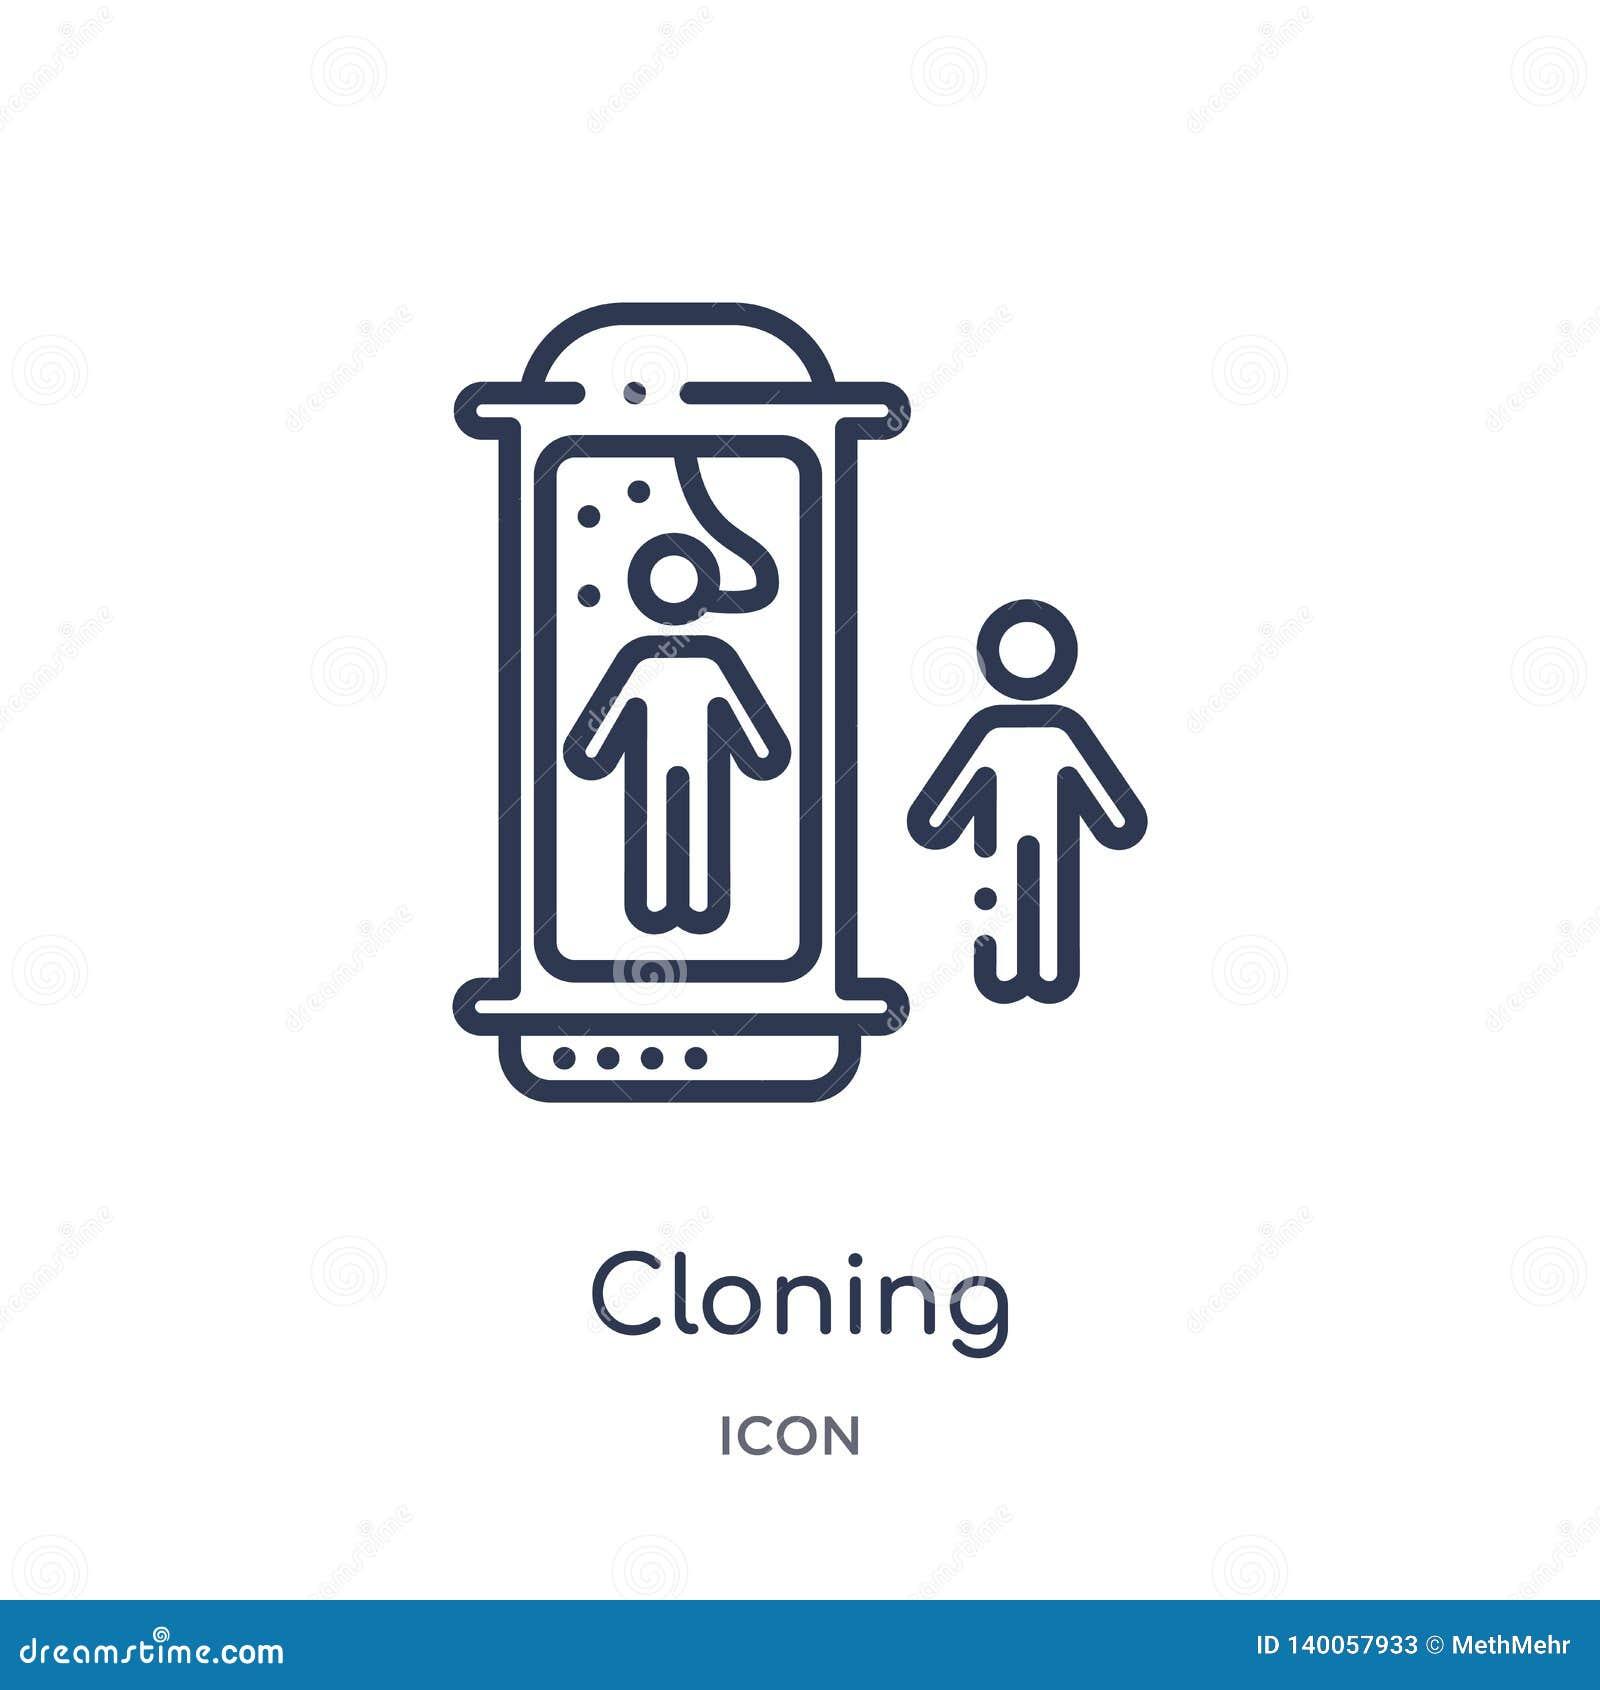 Icona di clonazione lineare dalla raccolta futura del profilo di tecnologia Linea sottile icona della clonazione isolata su fondo